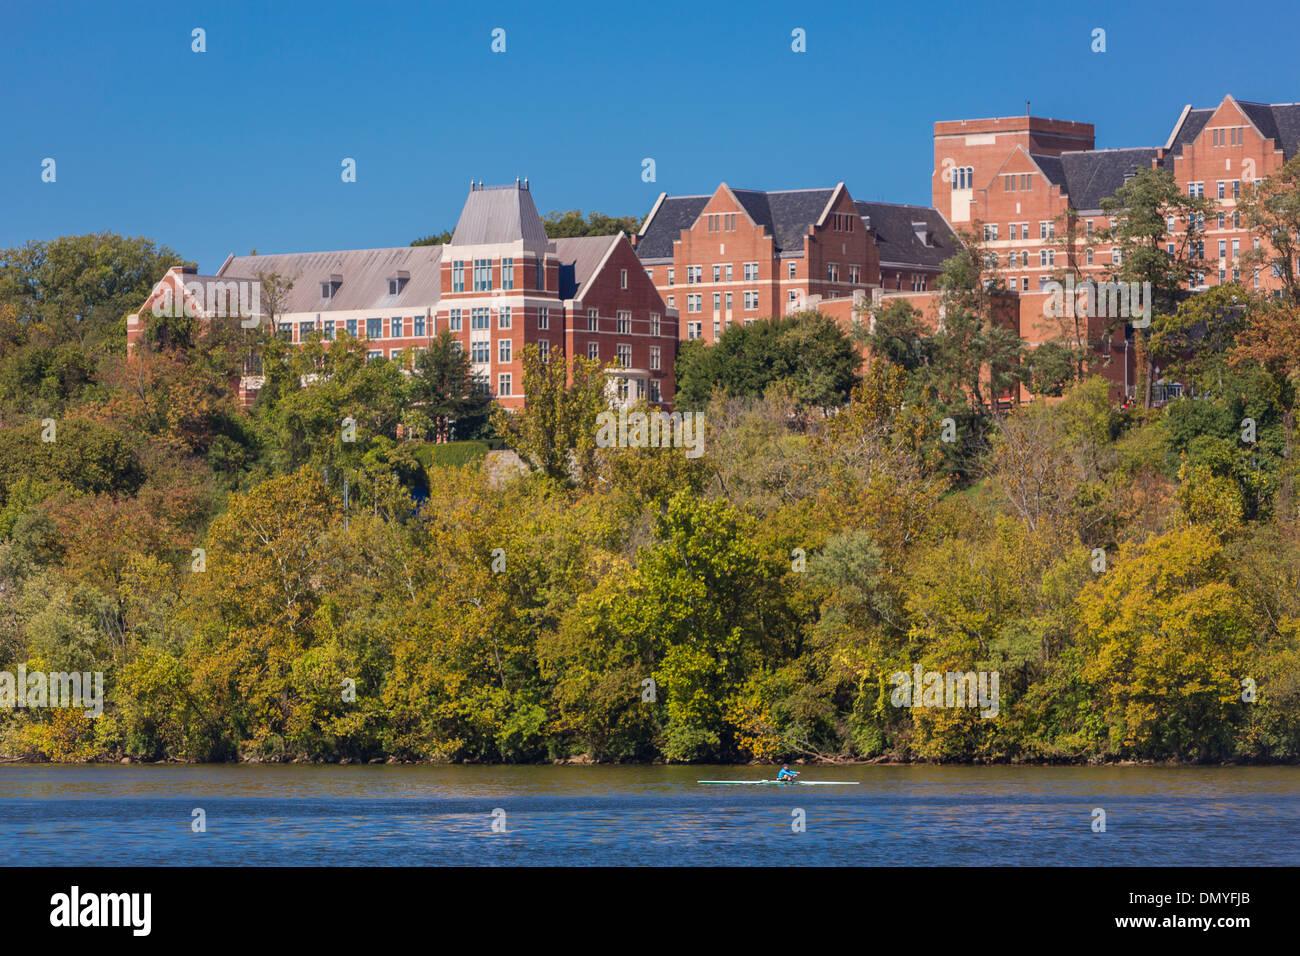 WASHINGTON, DC, Stati Uniti d'America - Georgetown University edifici e vogatore sul Fiume Potomac. Immagini Stock